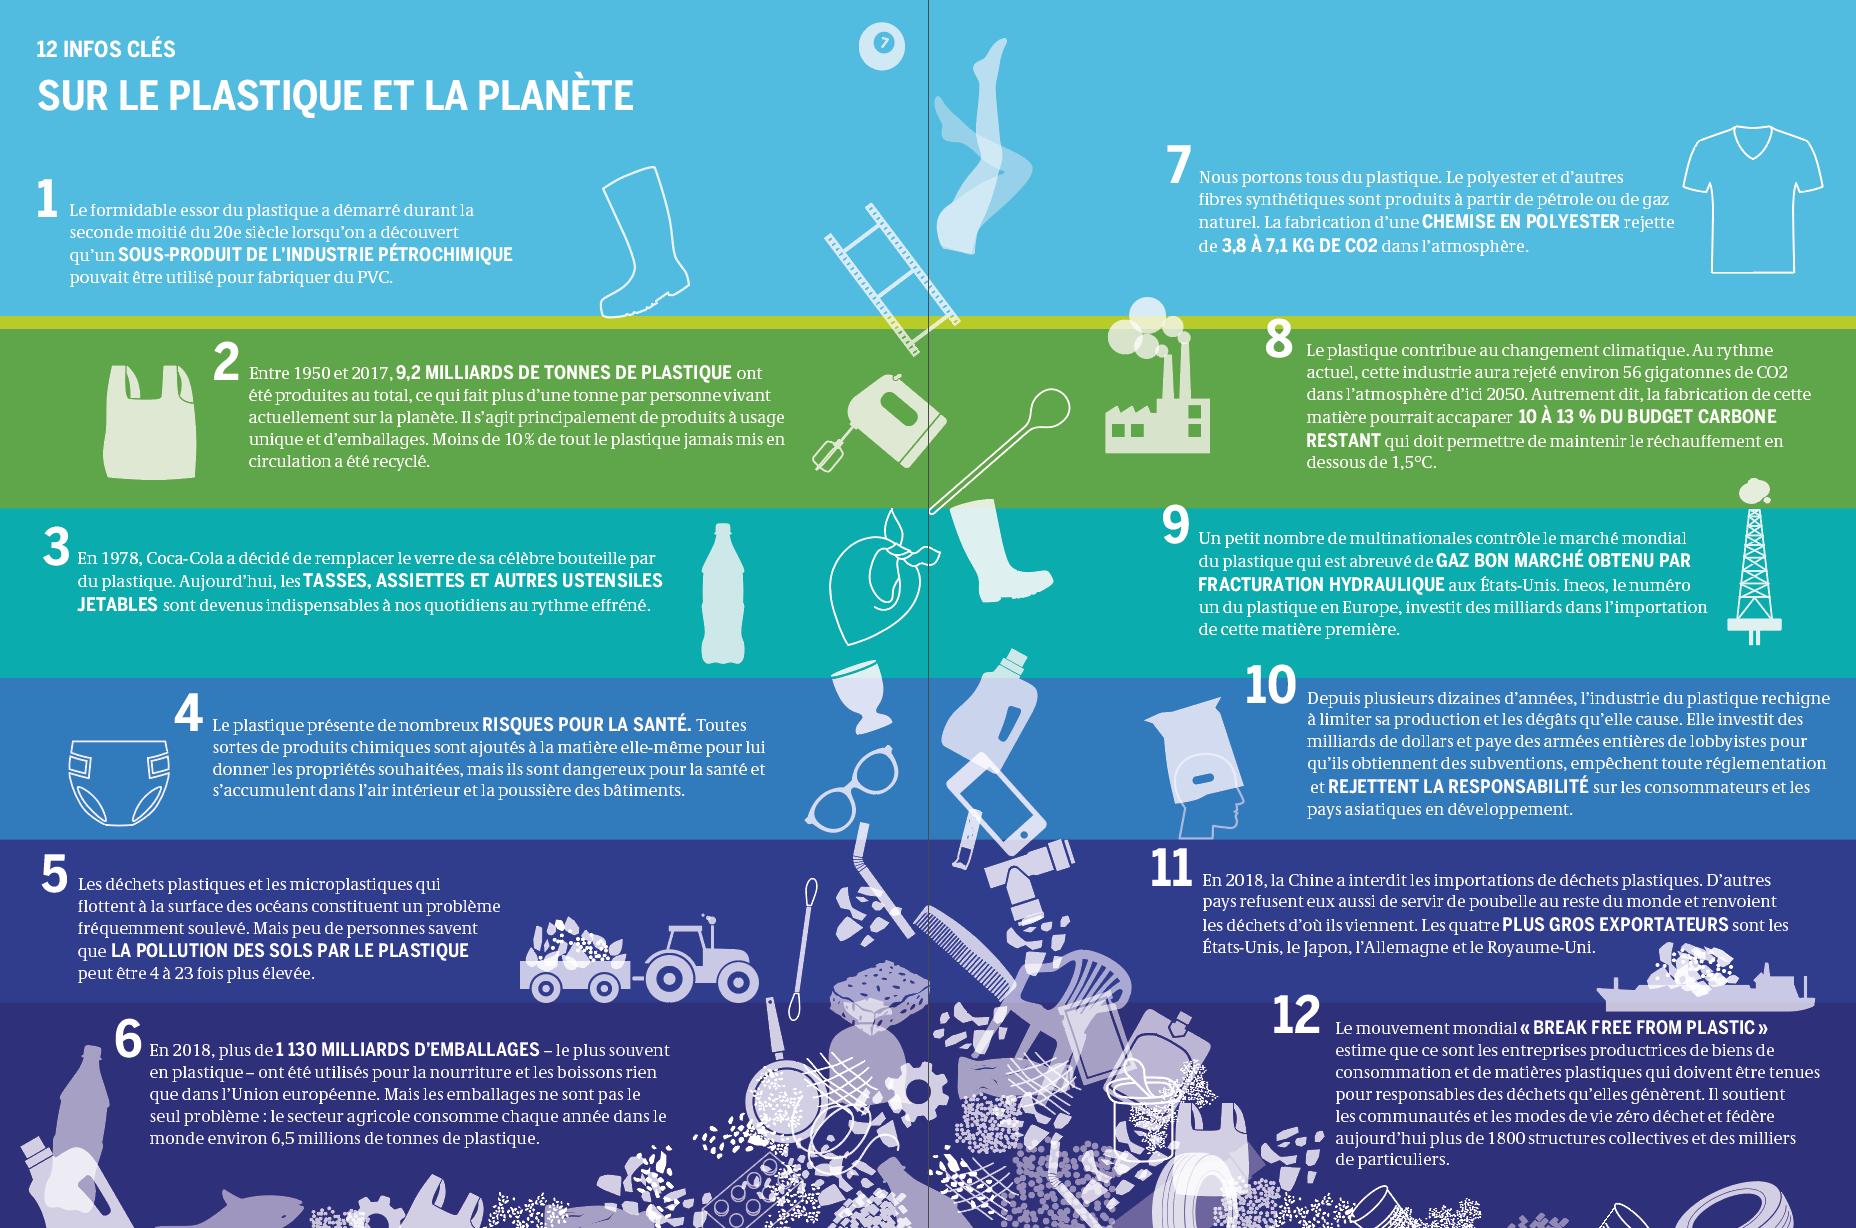 Atlas du Plastique : faits et chiffres sur la crise du plastique 8-%2012%20infos%20cl%C3%A9s